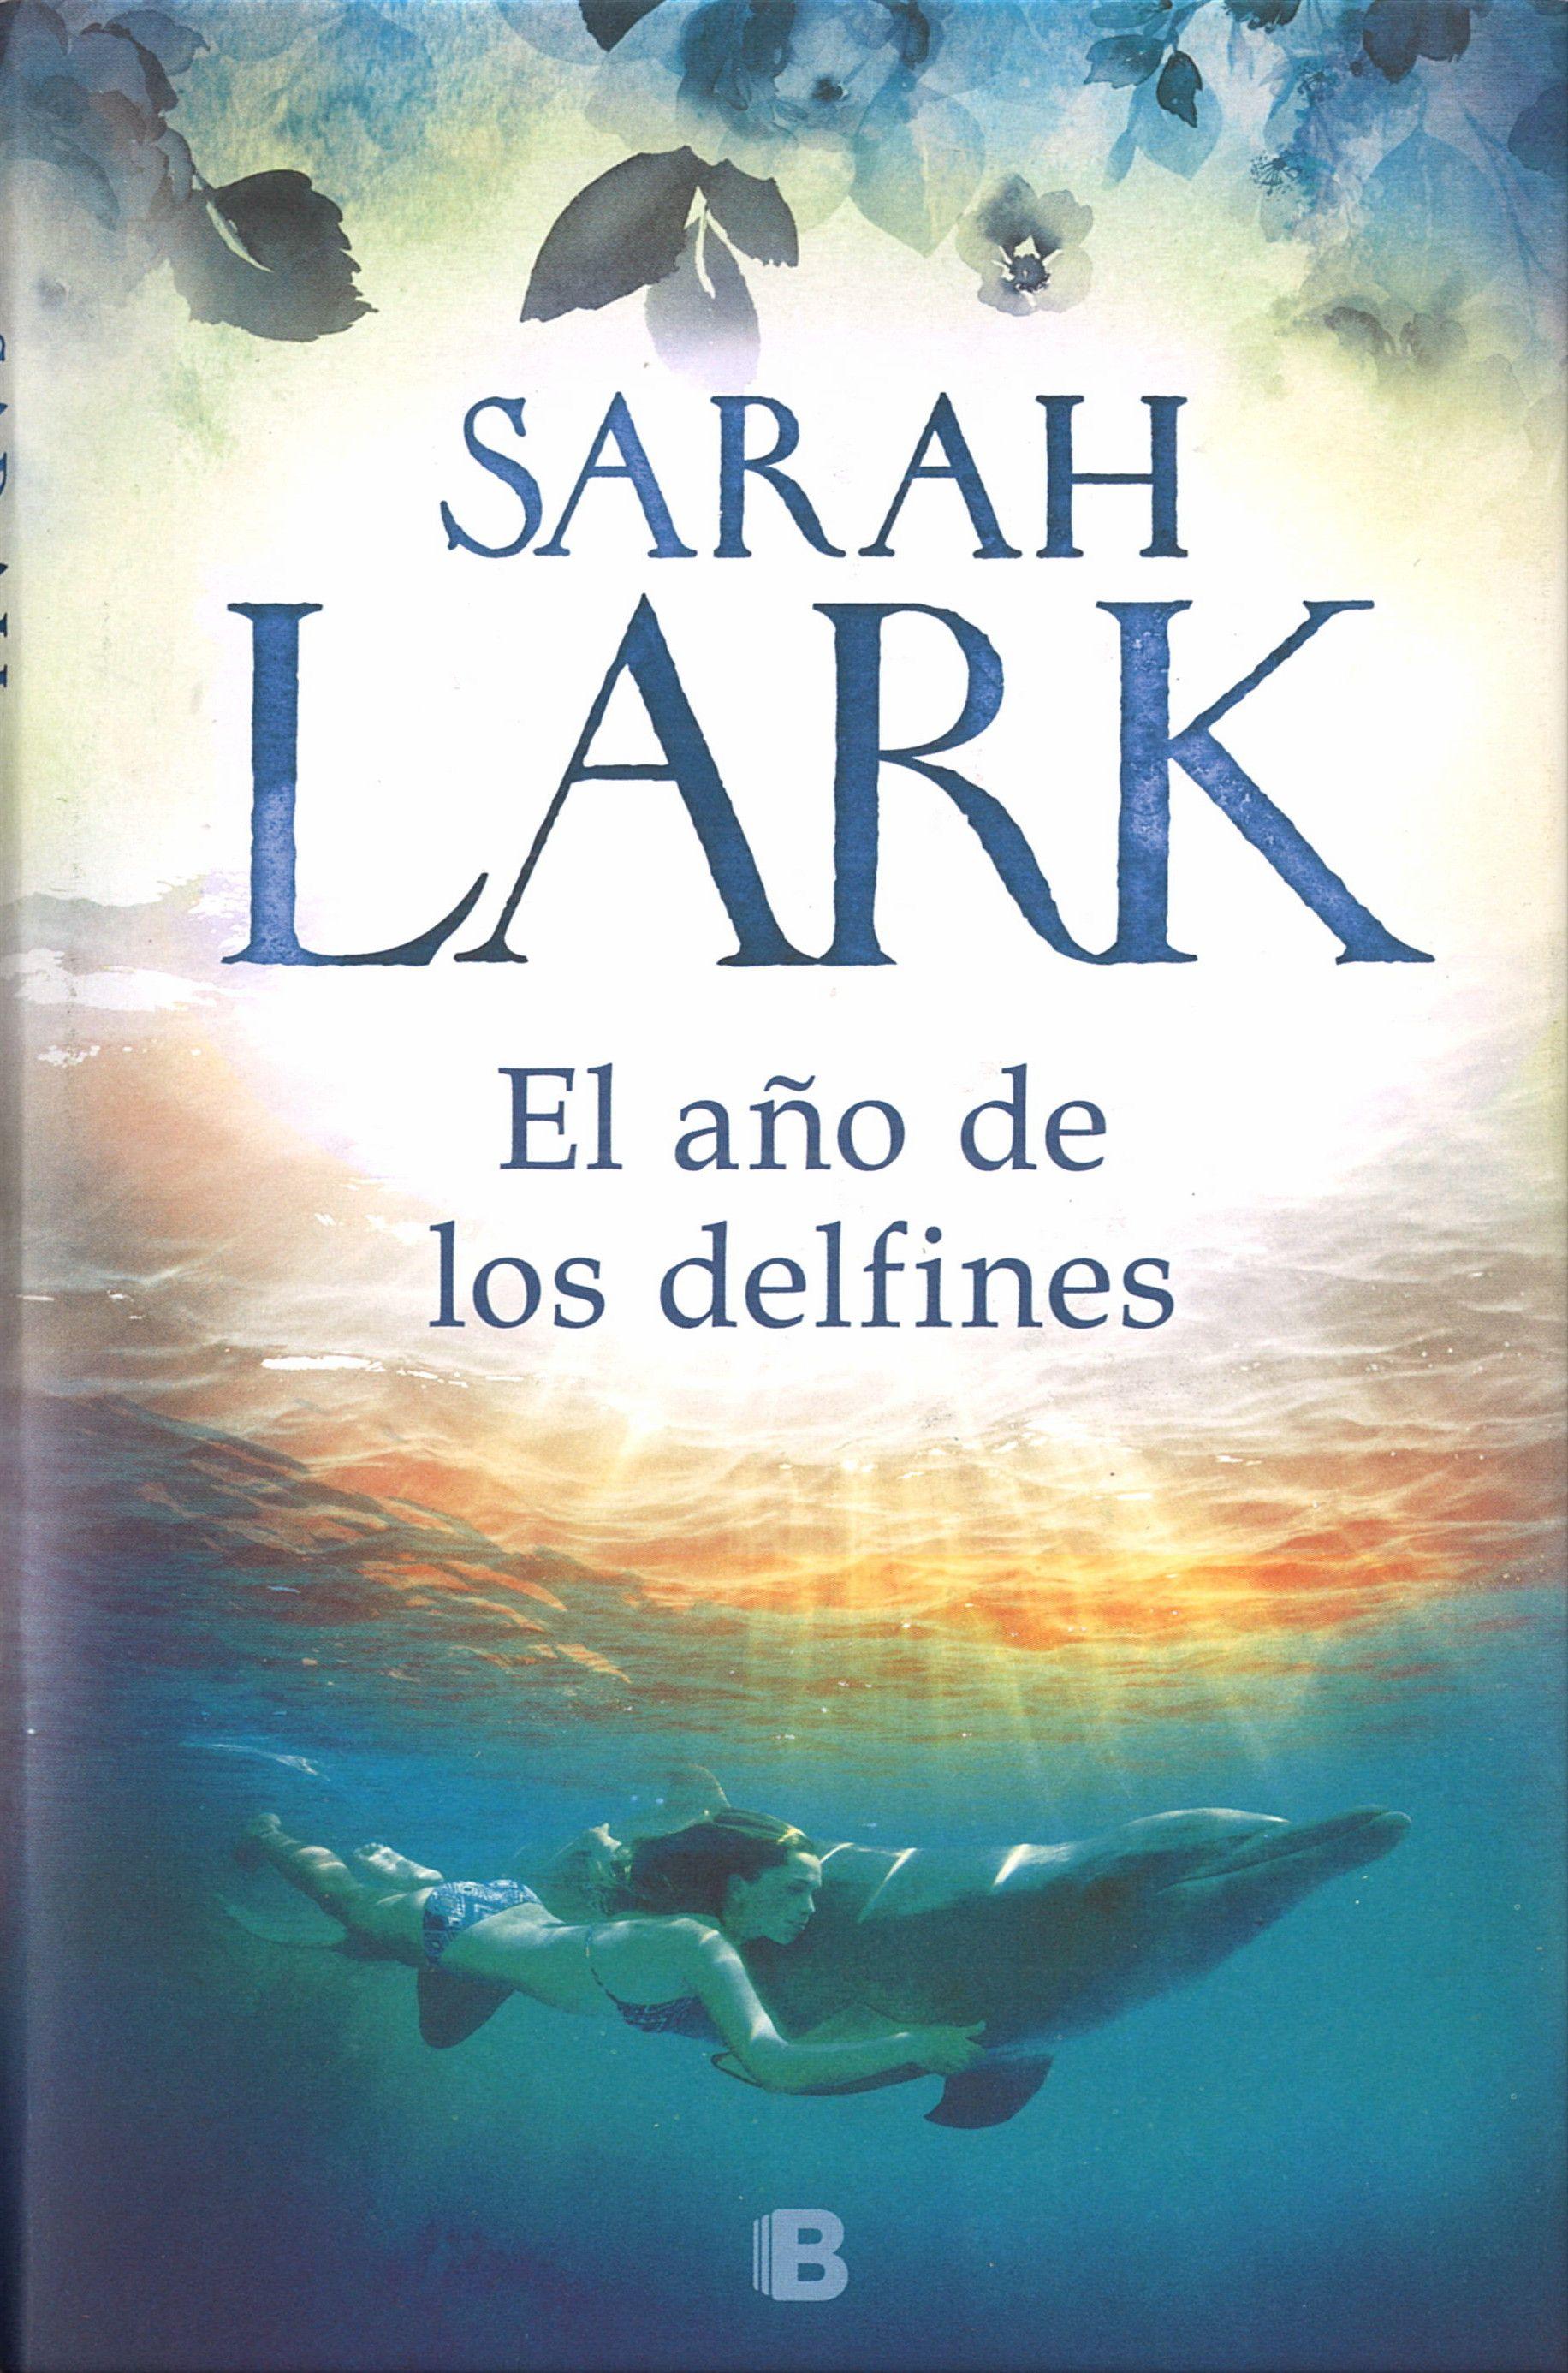 El Año De Los Delfines Sarah Lark Con Ilustraciones De Tina Dreher Traducción De Susana Andrés B 2019 Libros Gratis Libros Novelas